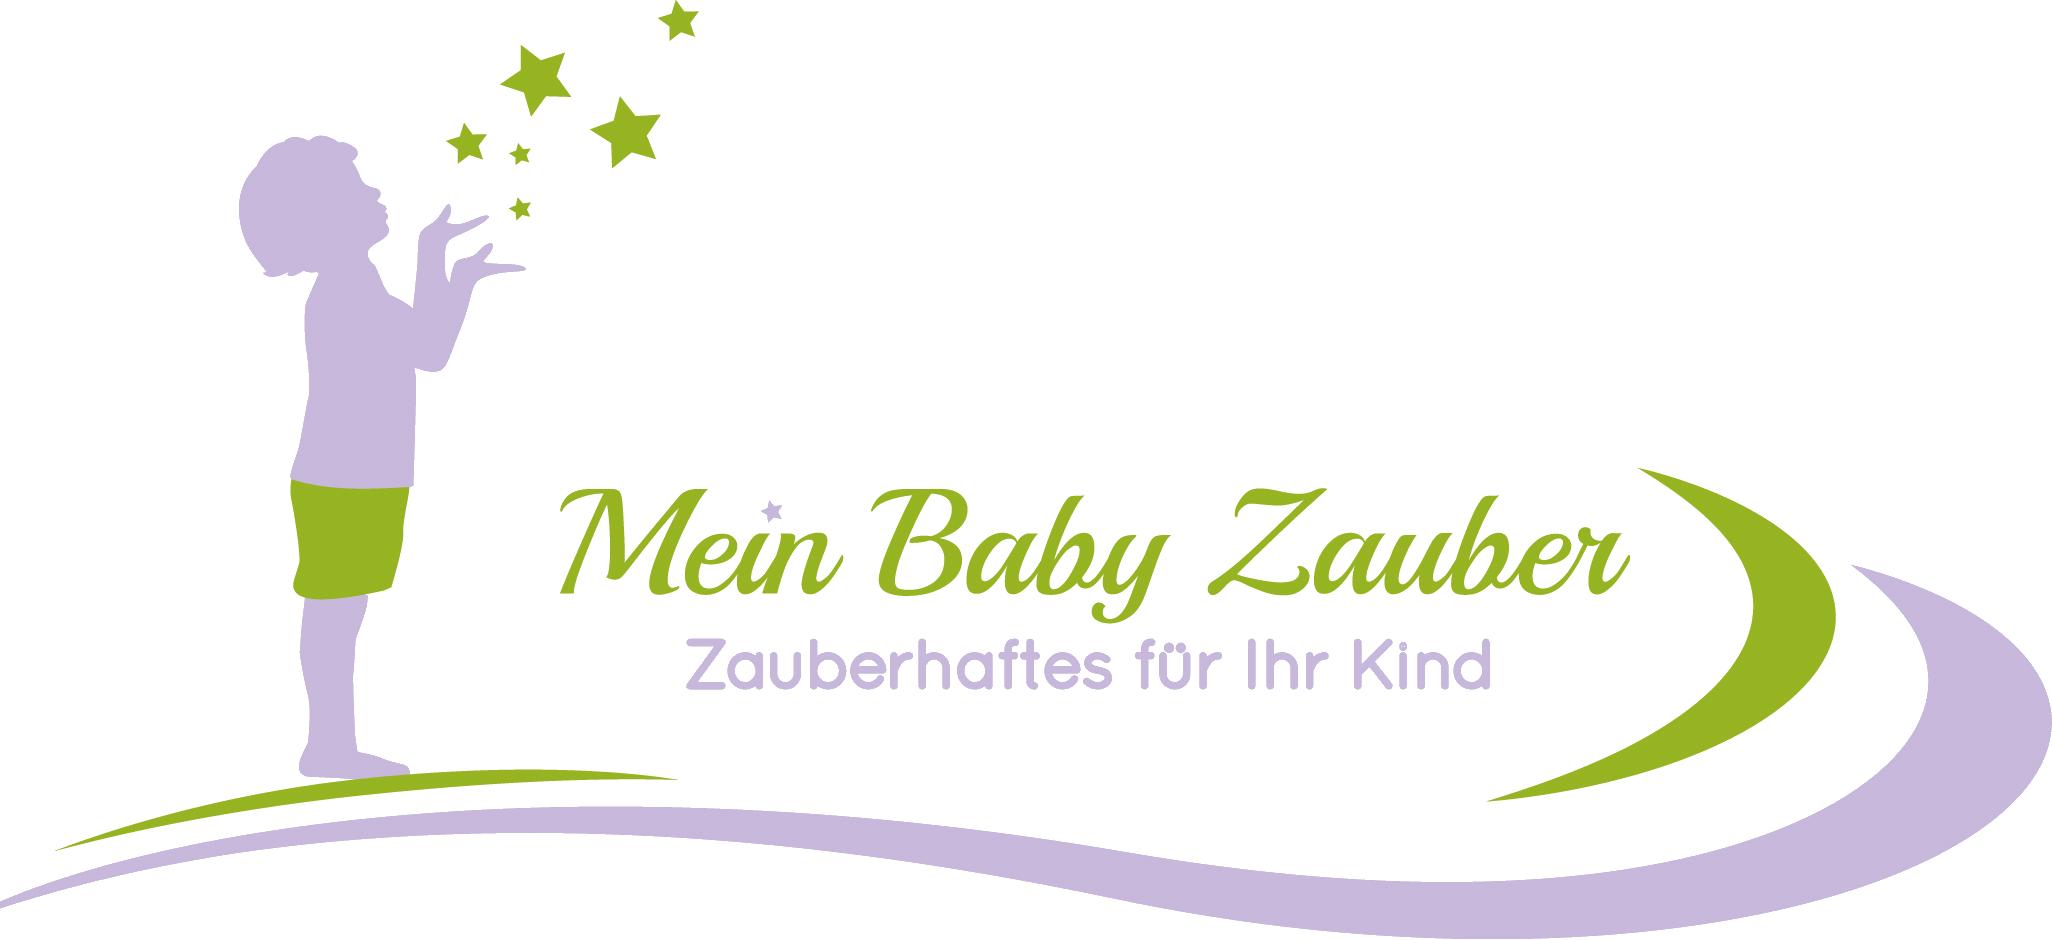 Mein Babyzauber - Zauberhaftes für Ihr Kind